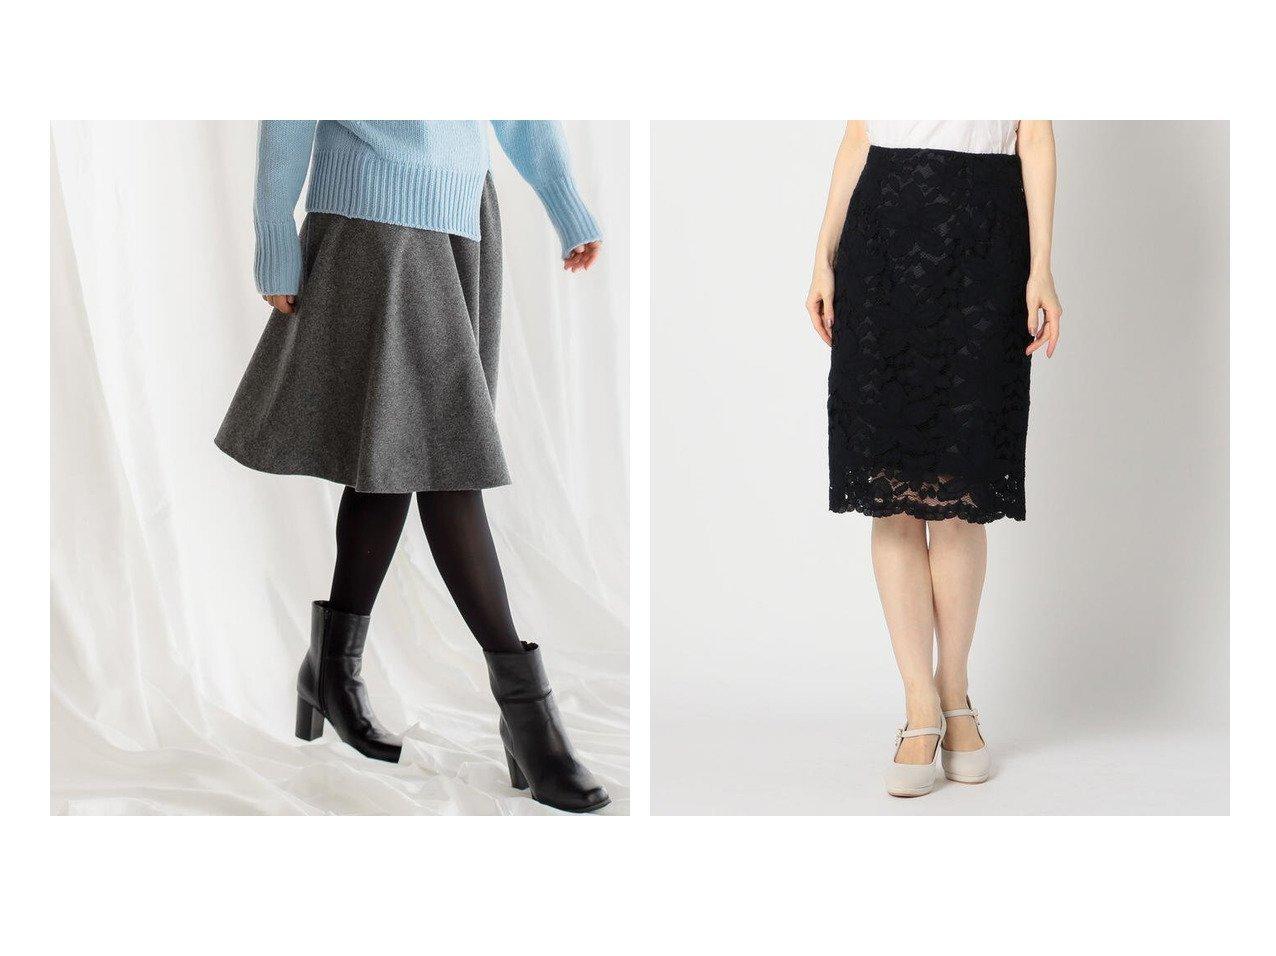 【MISCH MASCH/ミッシュマッシュ】のレースタイトスカート&【Viaggio Blu/ビアッジョブルー】のウィンターサーキュラースカート スカートのおすすめ!人気、レディースファッションの通販 おすすめで人気のファッション通販商品 インテリア・家具・キッズファッション・メンズファッション・レディースファッション・服の通販 founy(ファニー) https://founy.com/ ファッション Fashion レディース WOMEN スカート Skirt フェミニン フレア ミドル 人気 定番 タイトスカート  ID:crp329100000001468